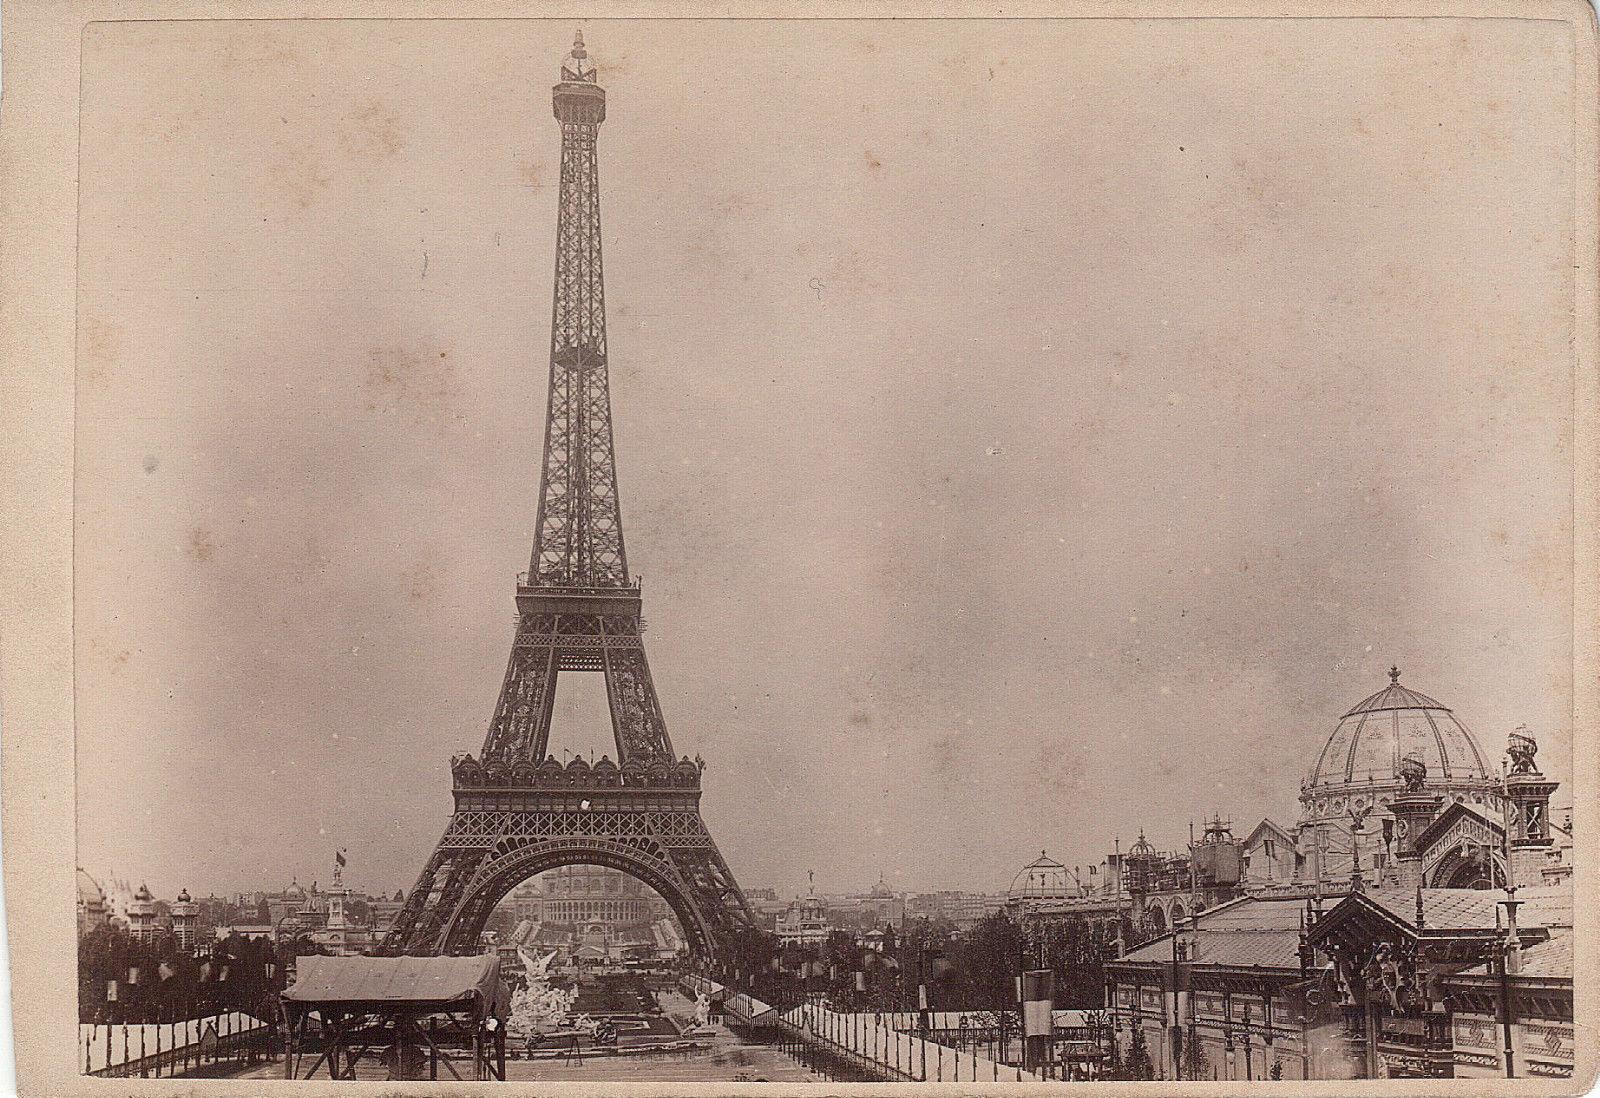 EXPOSITION_PARIS_1889_LA_TOUR_CONTRETYPE_ANGLAIS_DE_L_ALBUM_SOUVENIR-1446049490.JPG